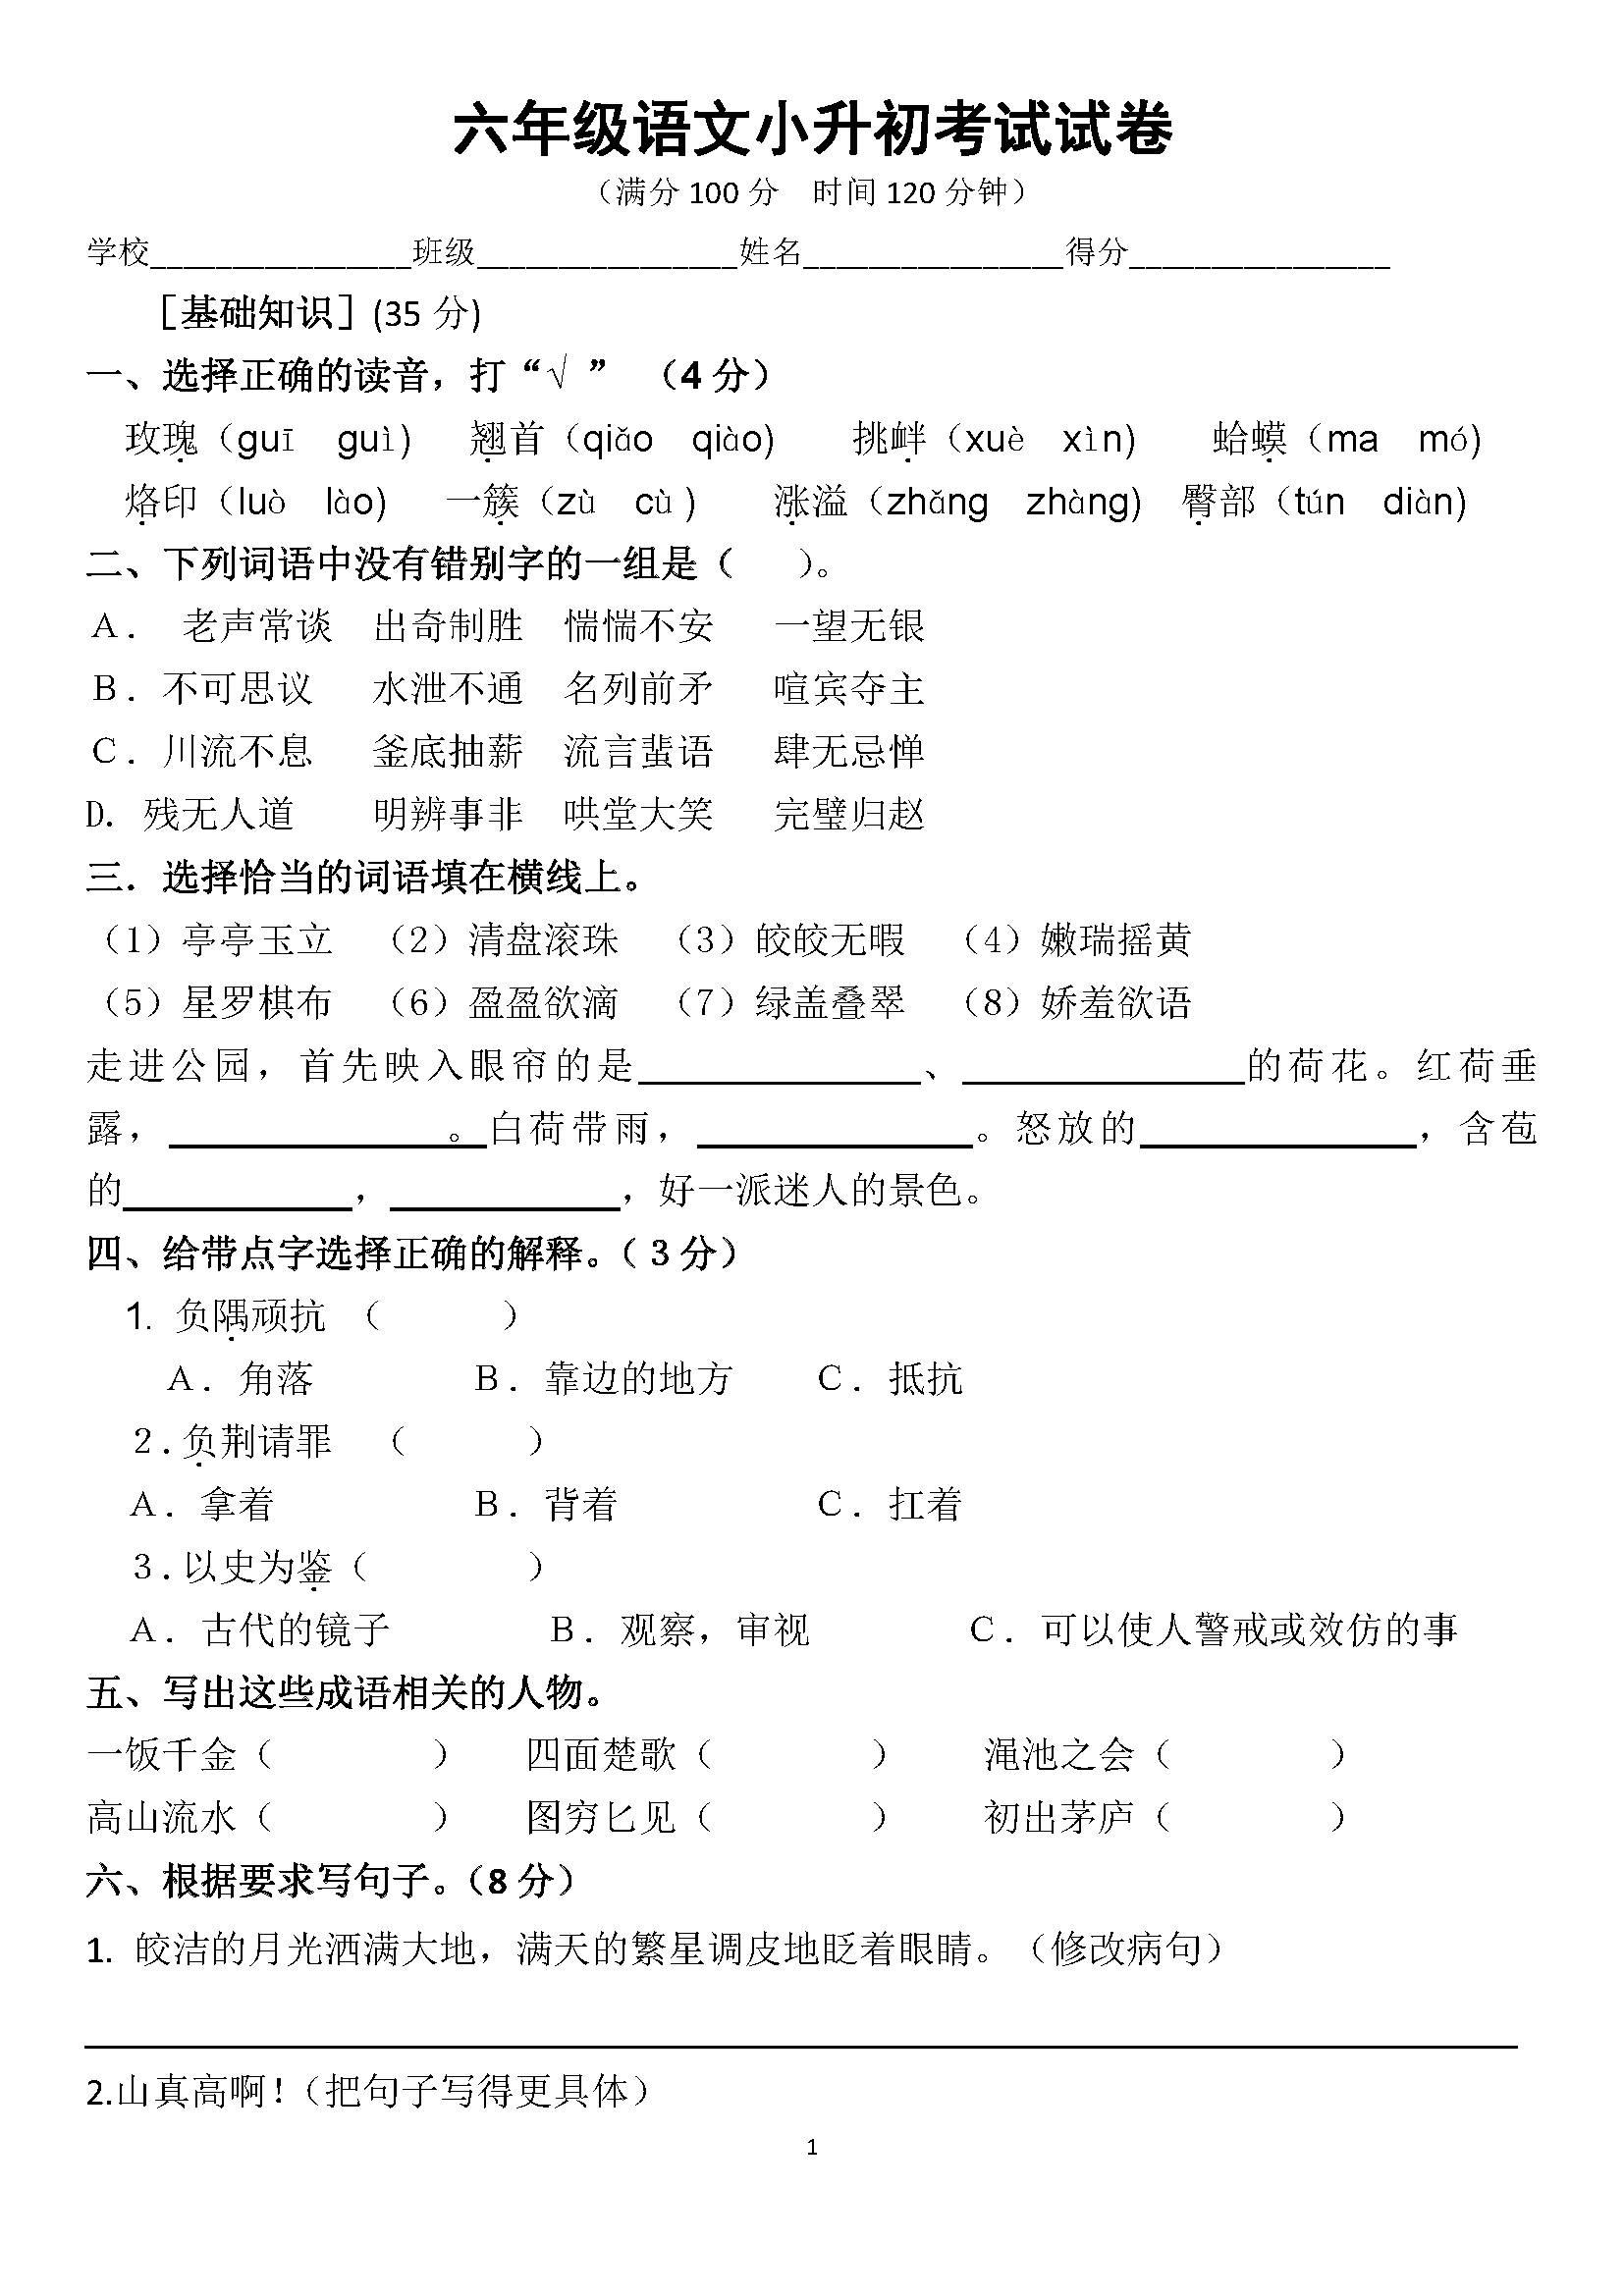 六年级上册试卷答案_六年级语文小升初考试试卷(附答案)